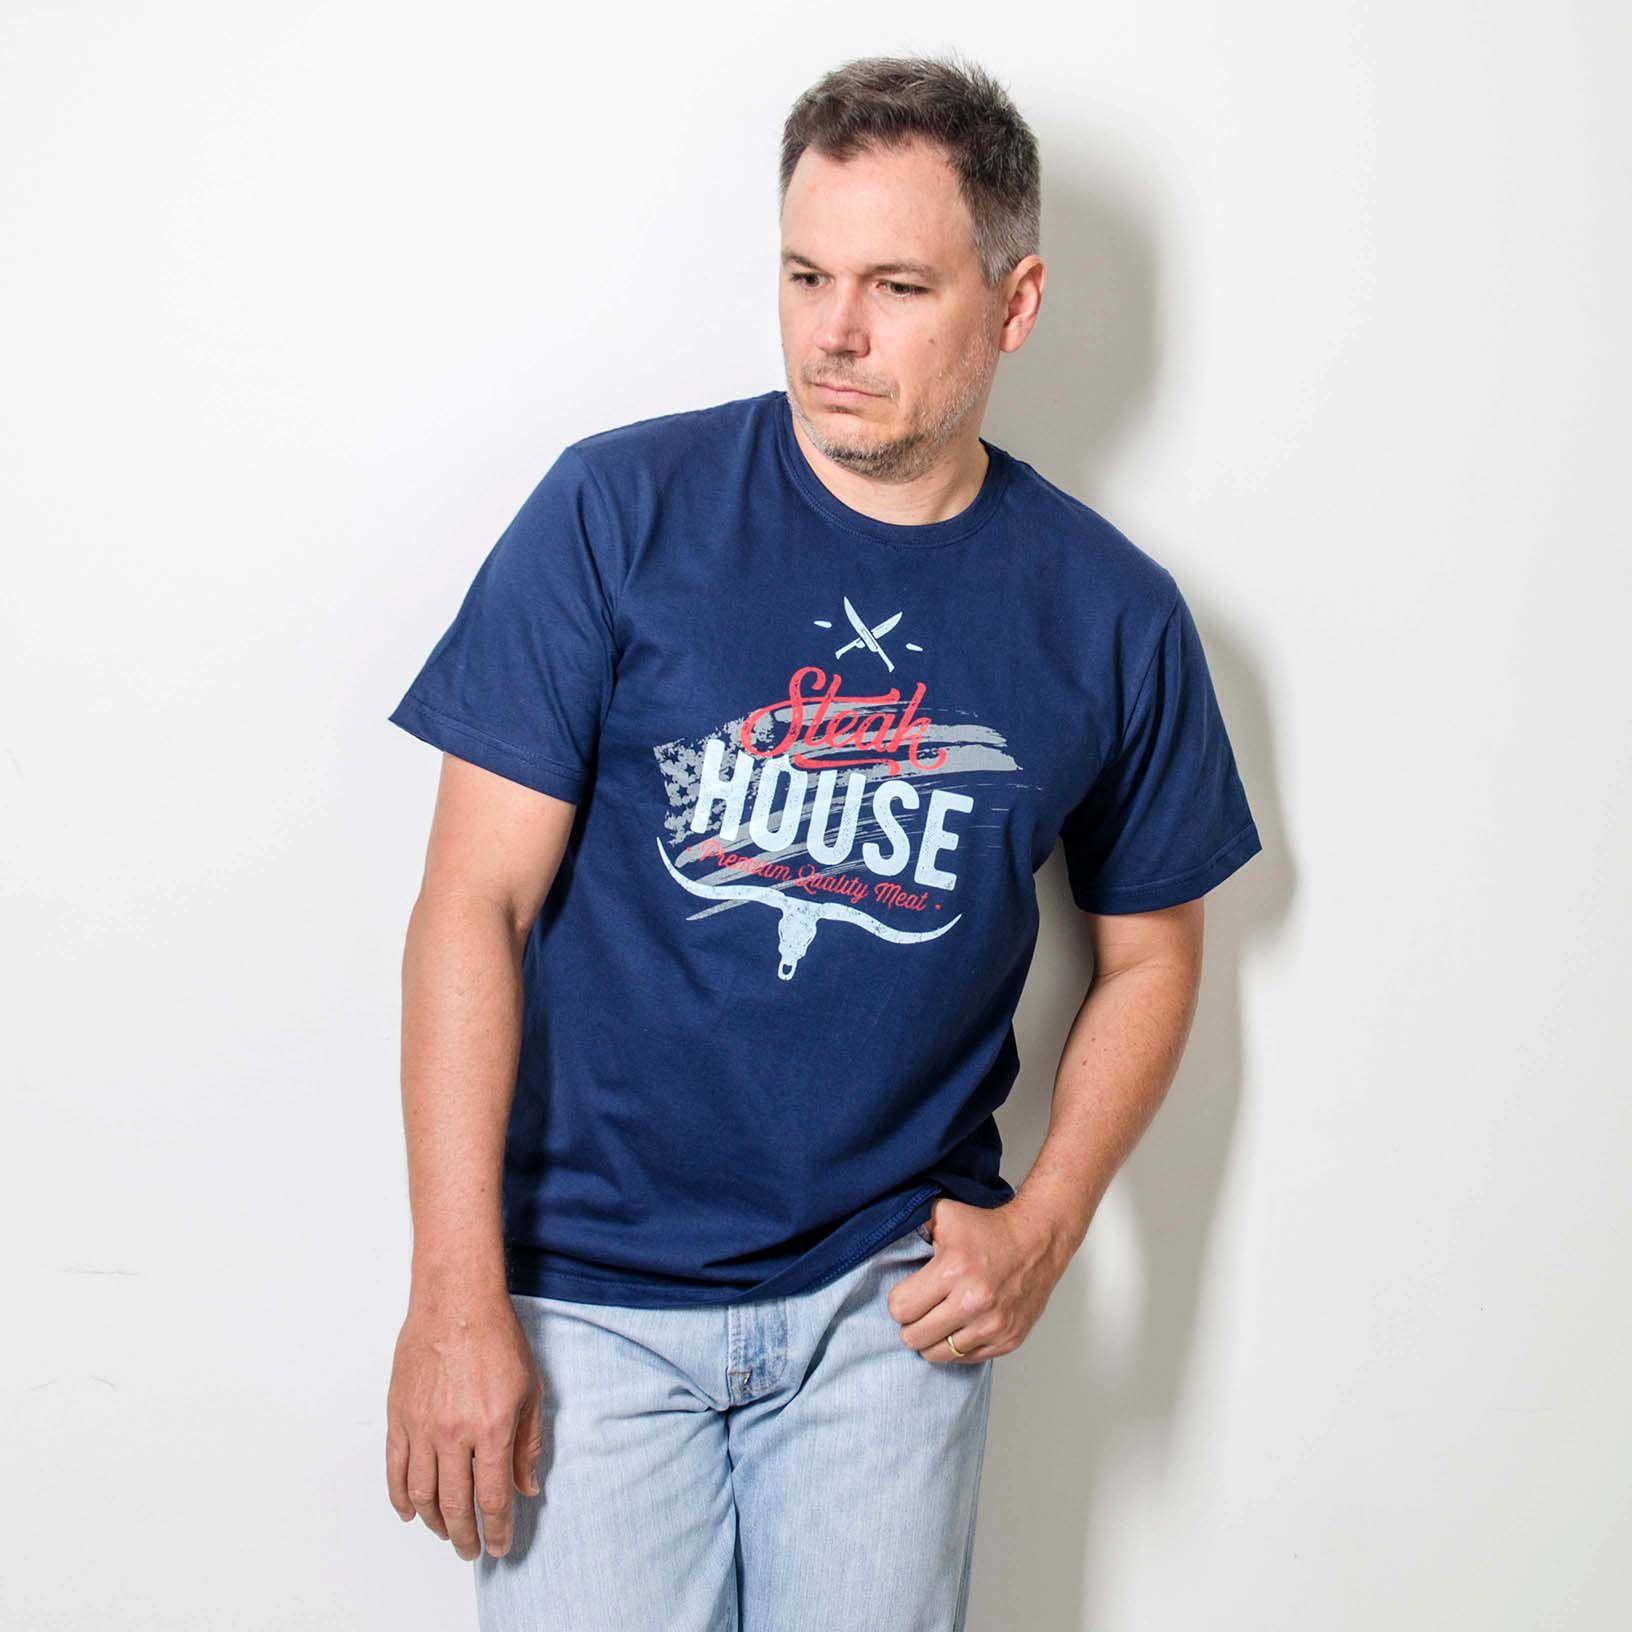 Camiseta Masculina Estampada BBQ  Steak House Azul